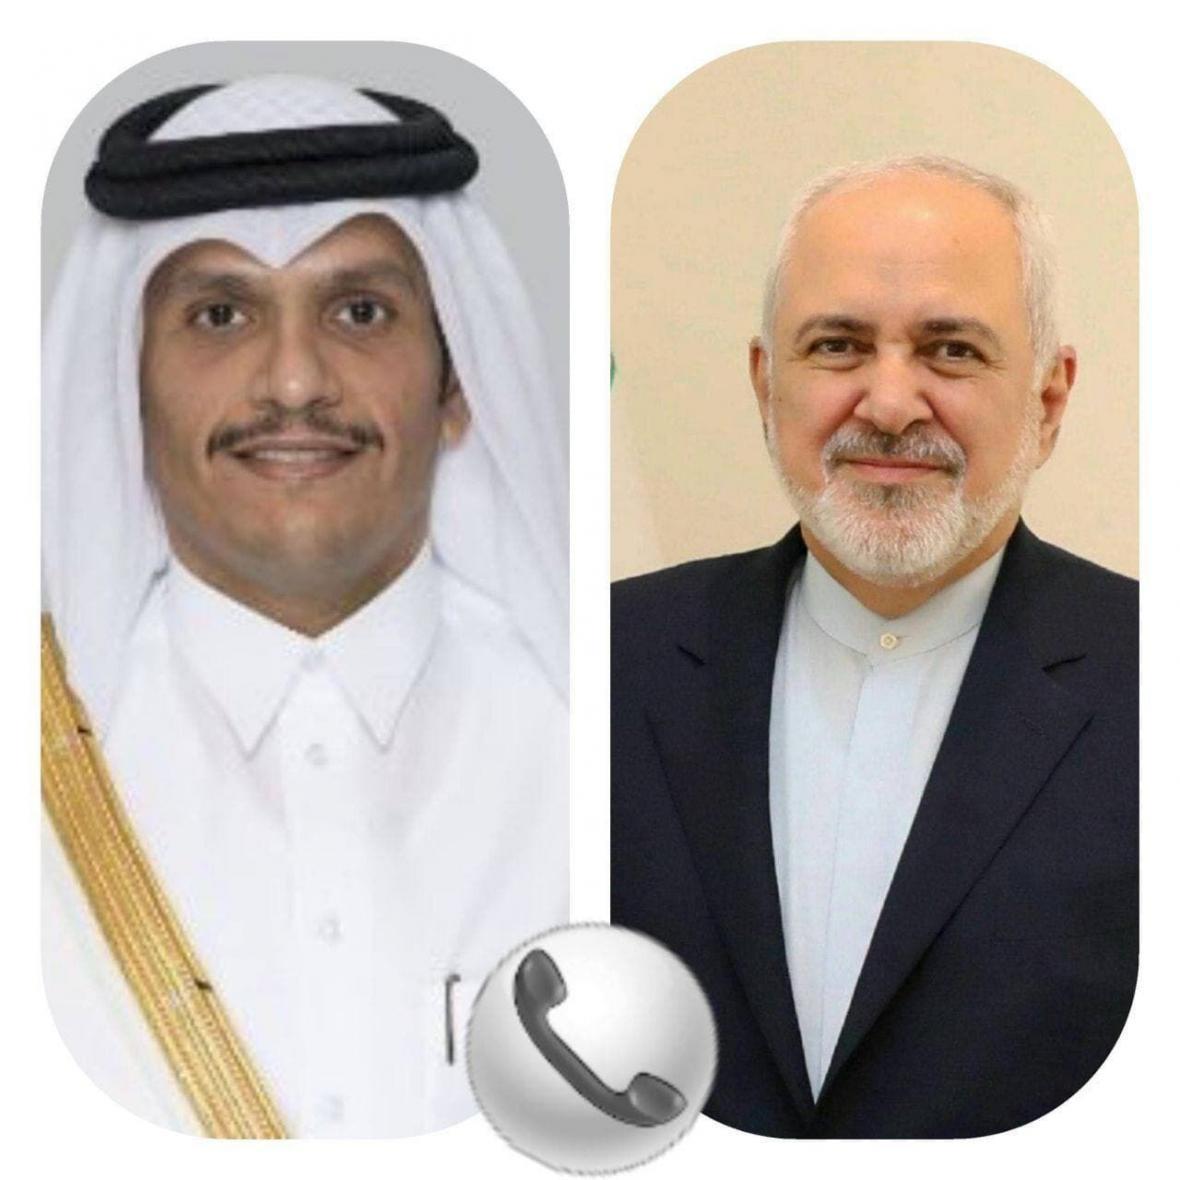 خبرنگاران گفت وگوی وزرای خارجه ایران و قطر درباره لزوم مشارکت کشورهای منطقه